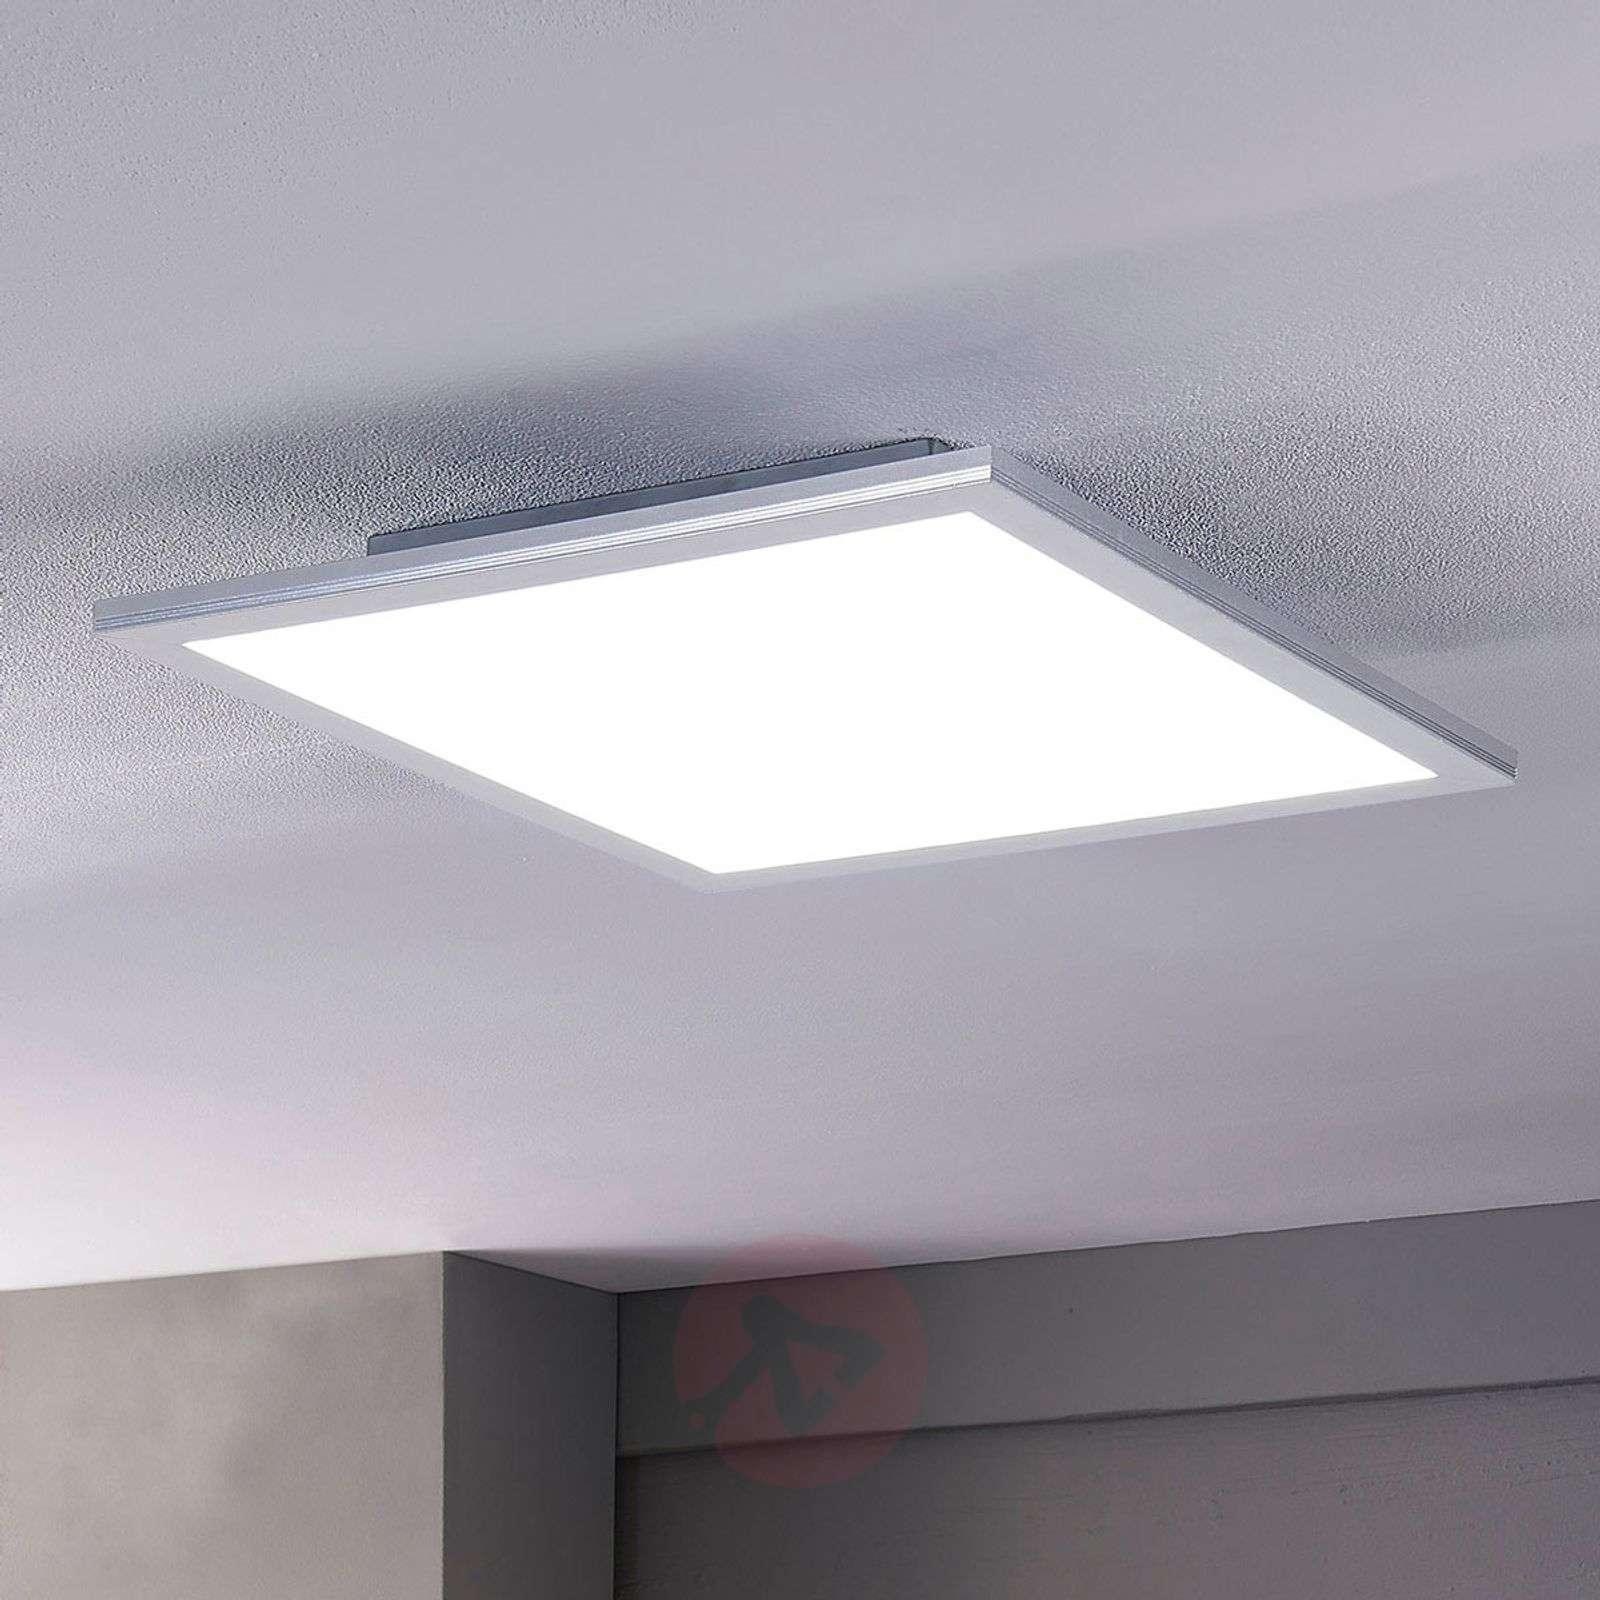 LED-paneeli Livel, vaihtuva väri, himmennettävä-9956005-02